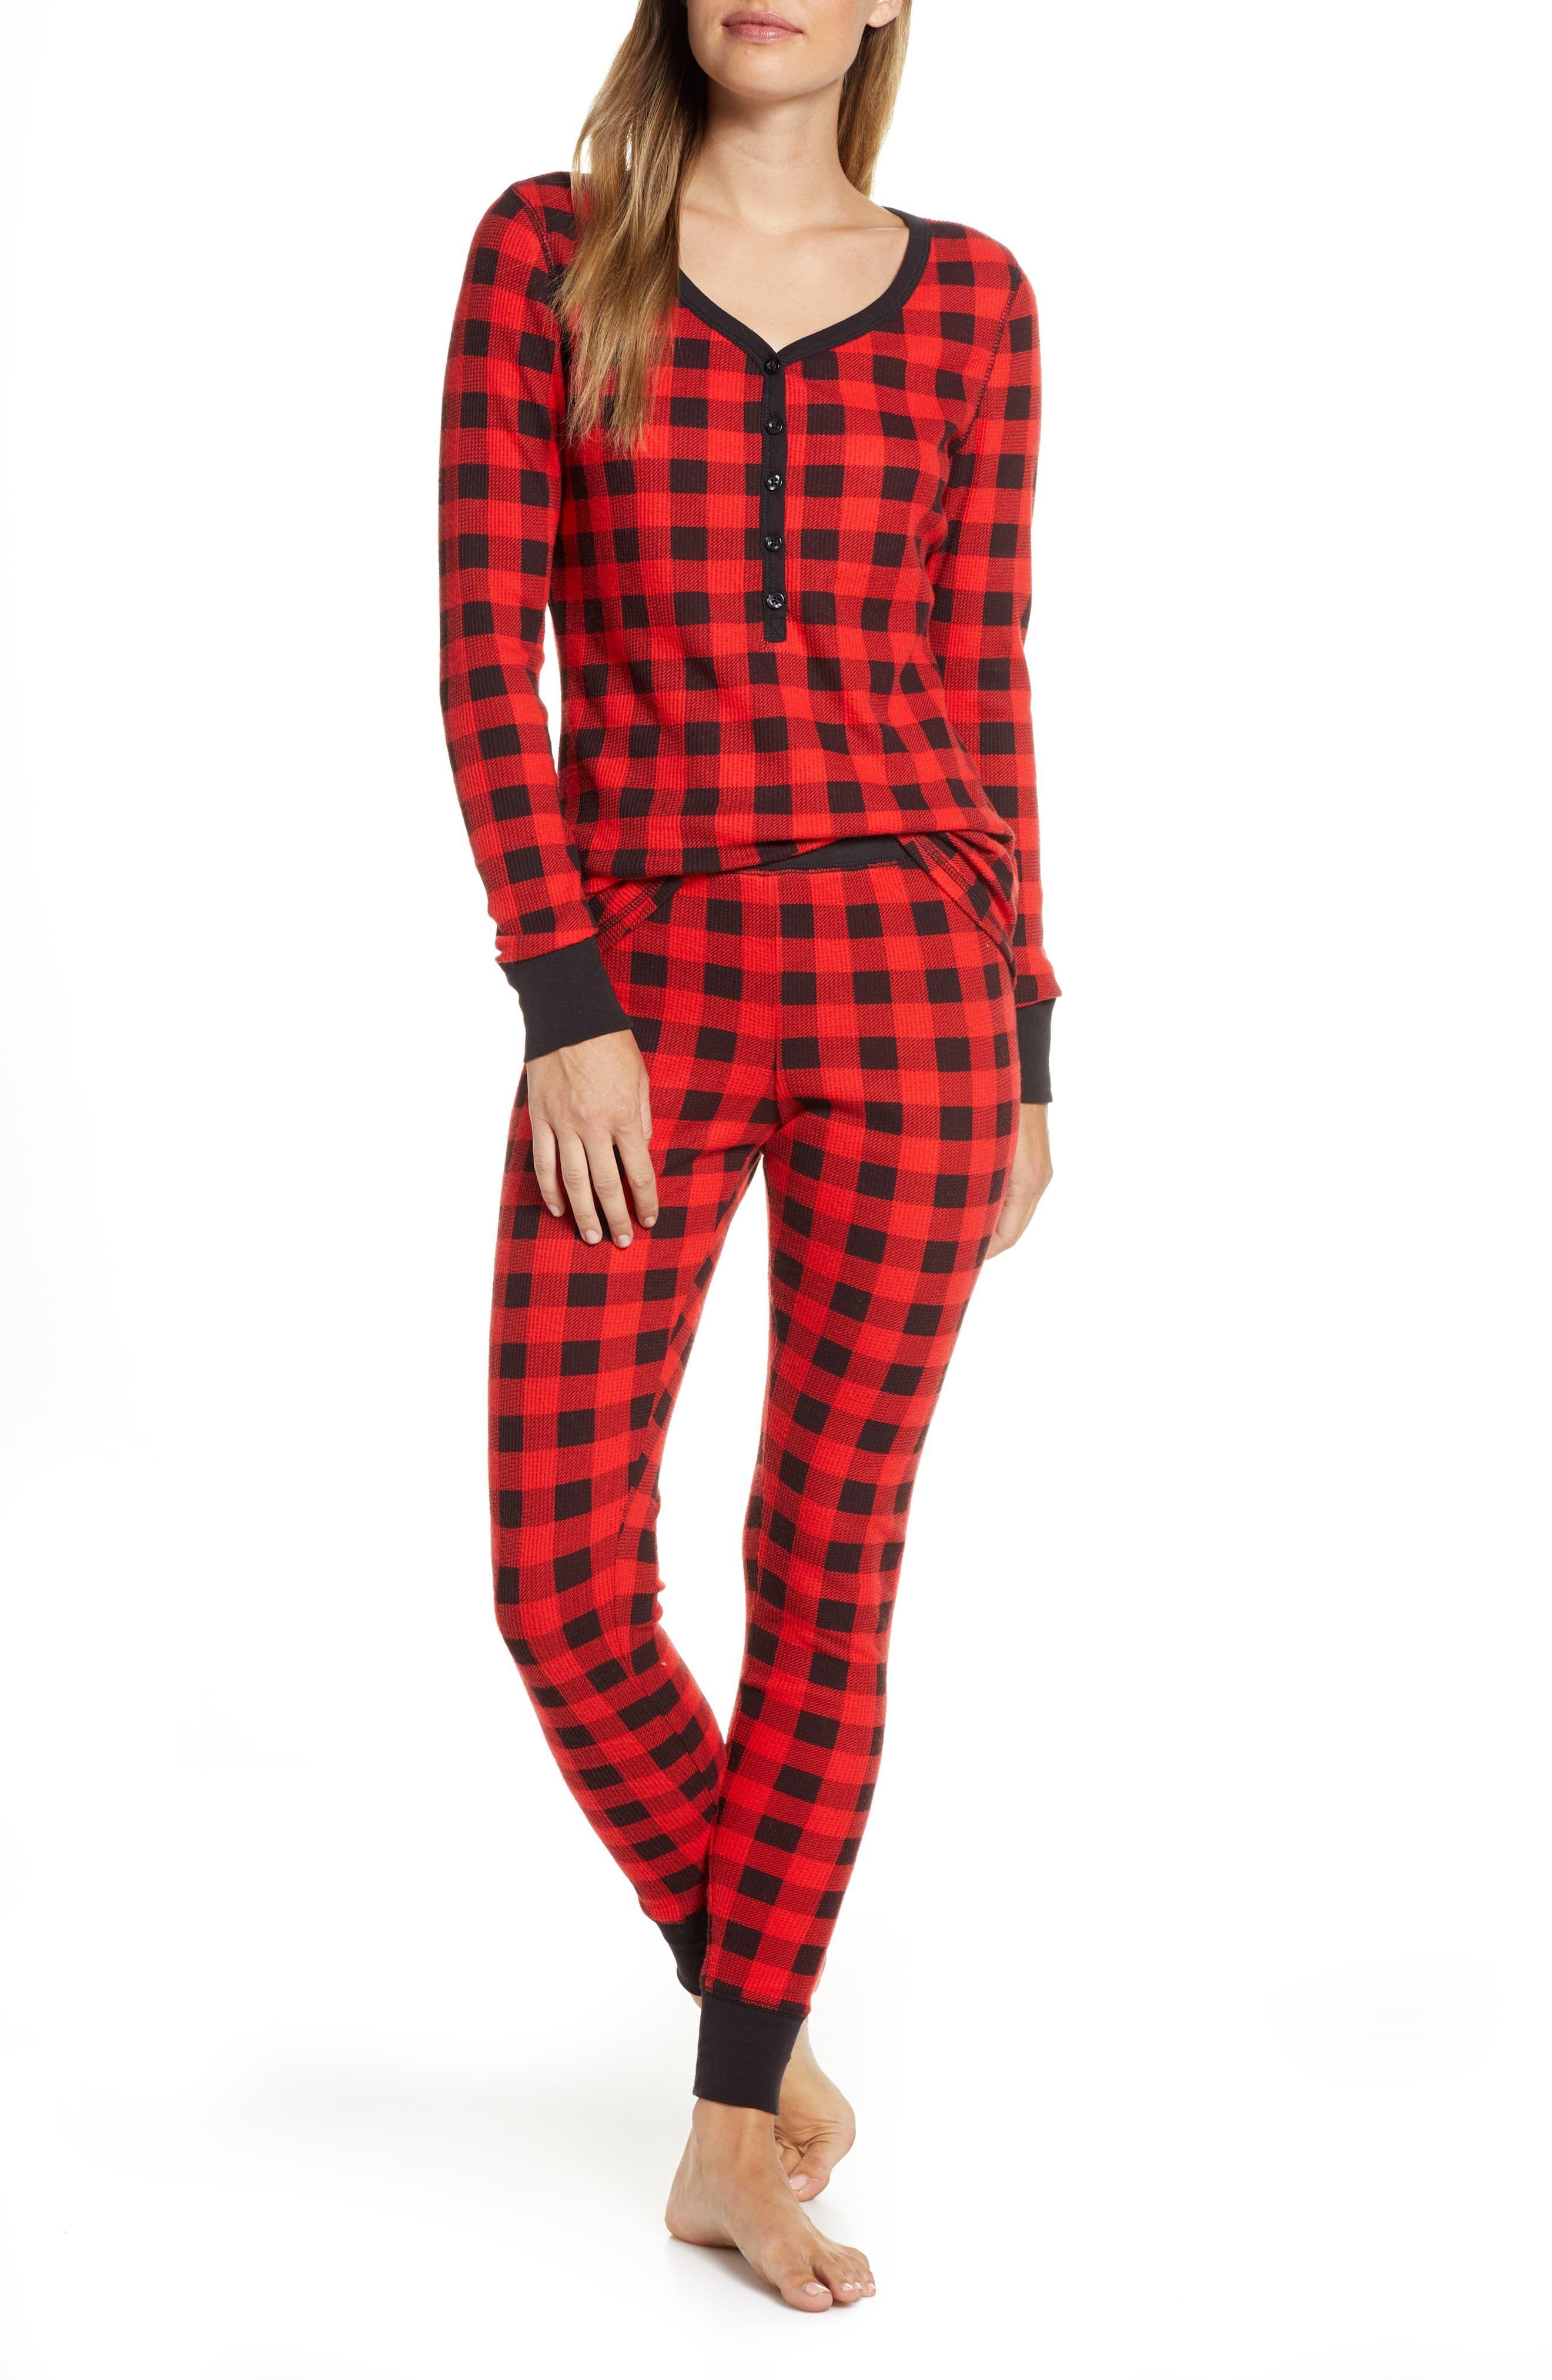 Thermal Pajamas (Regular & Plus Size Thermal pajamas